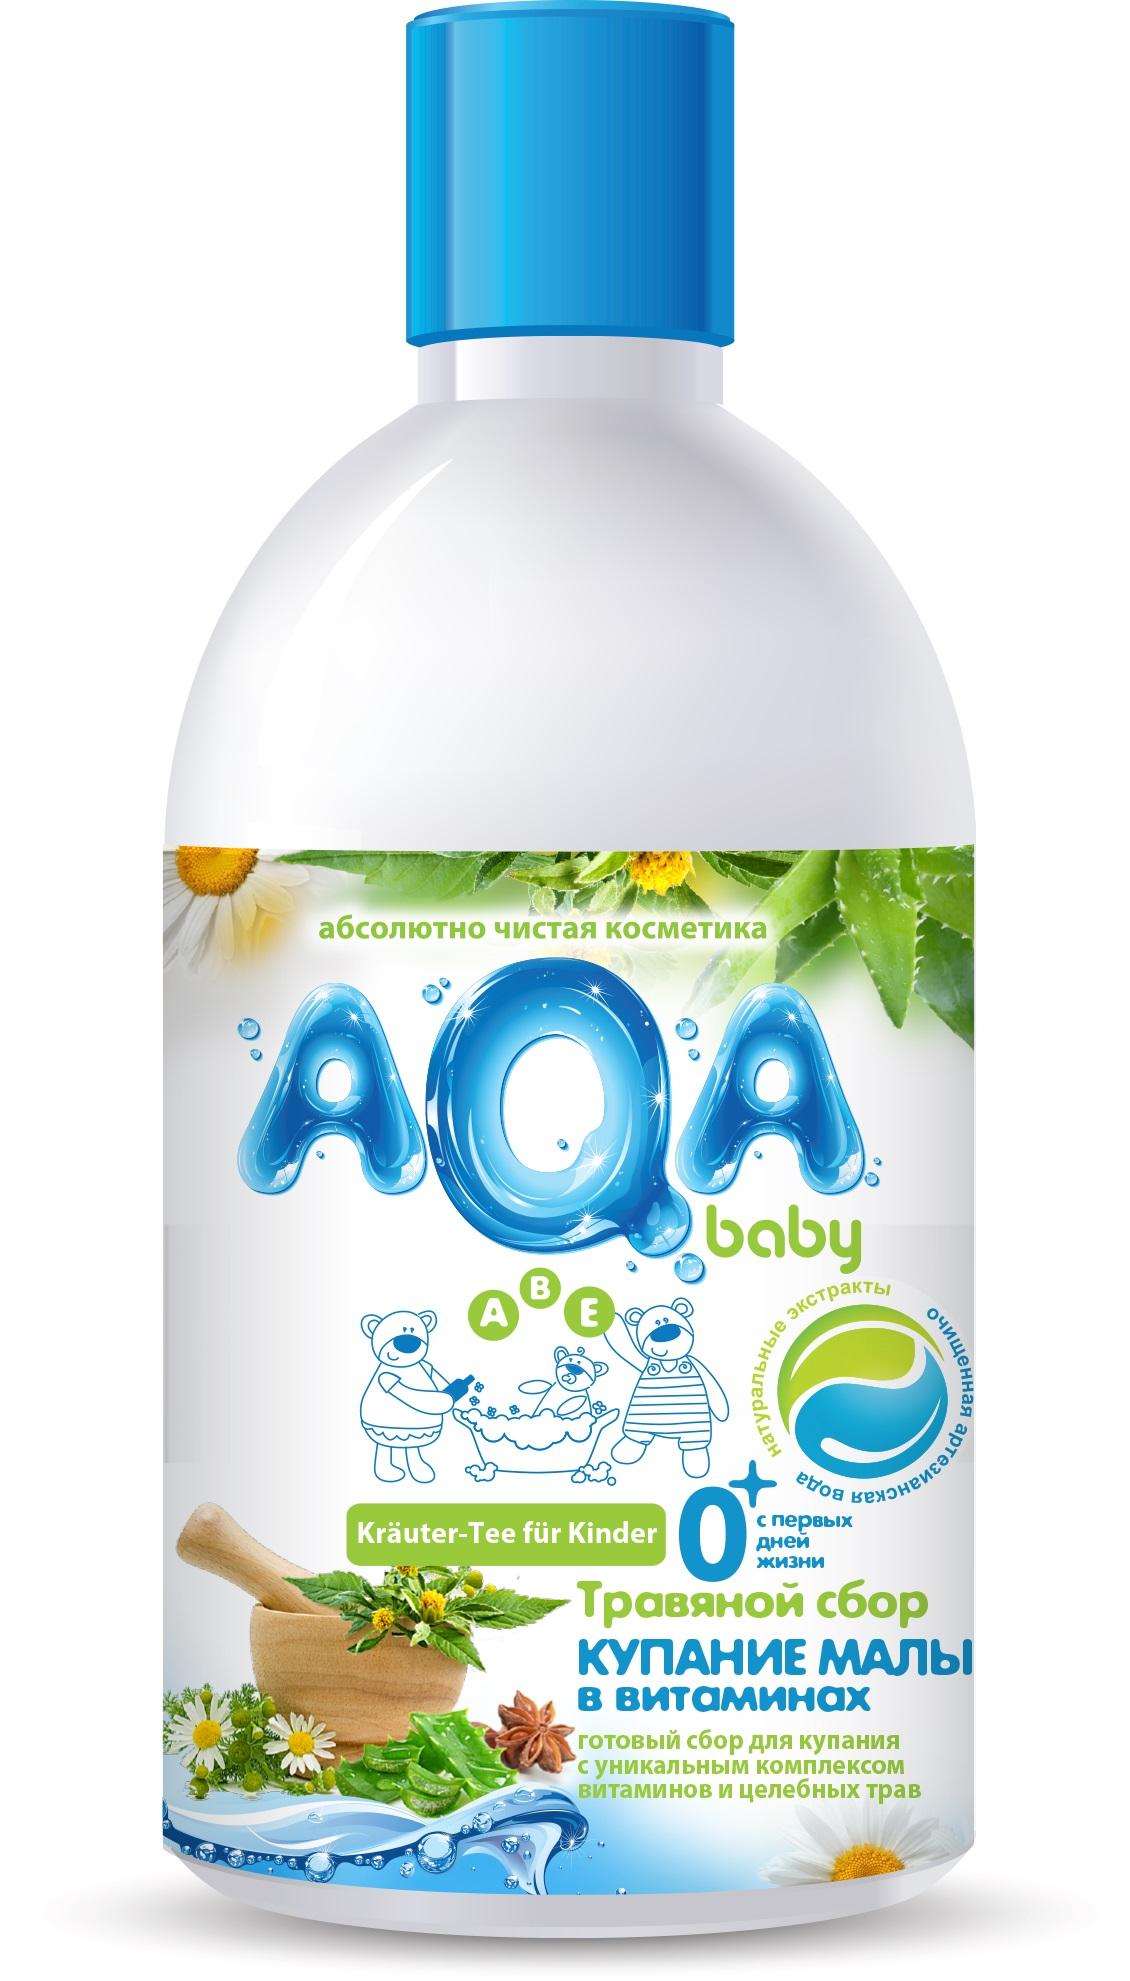 Травяной сбор для купания малышей AQA baby Купание в витаминами 300 мл